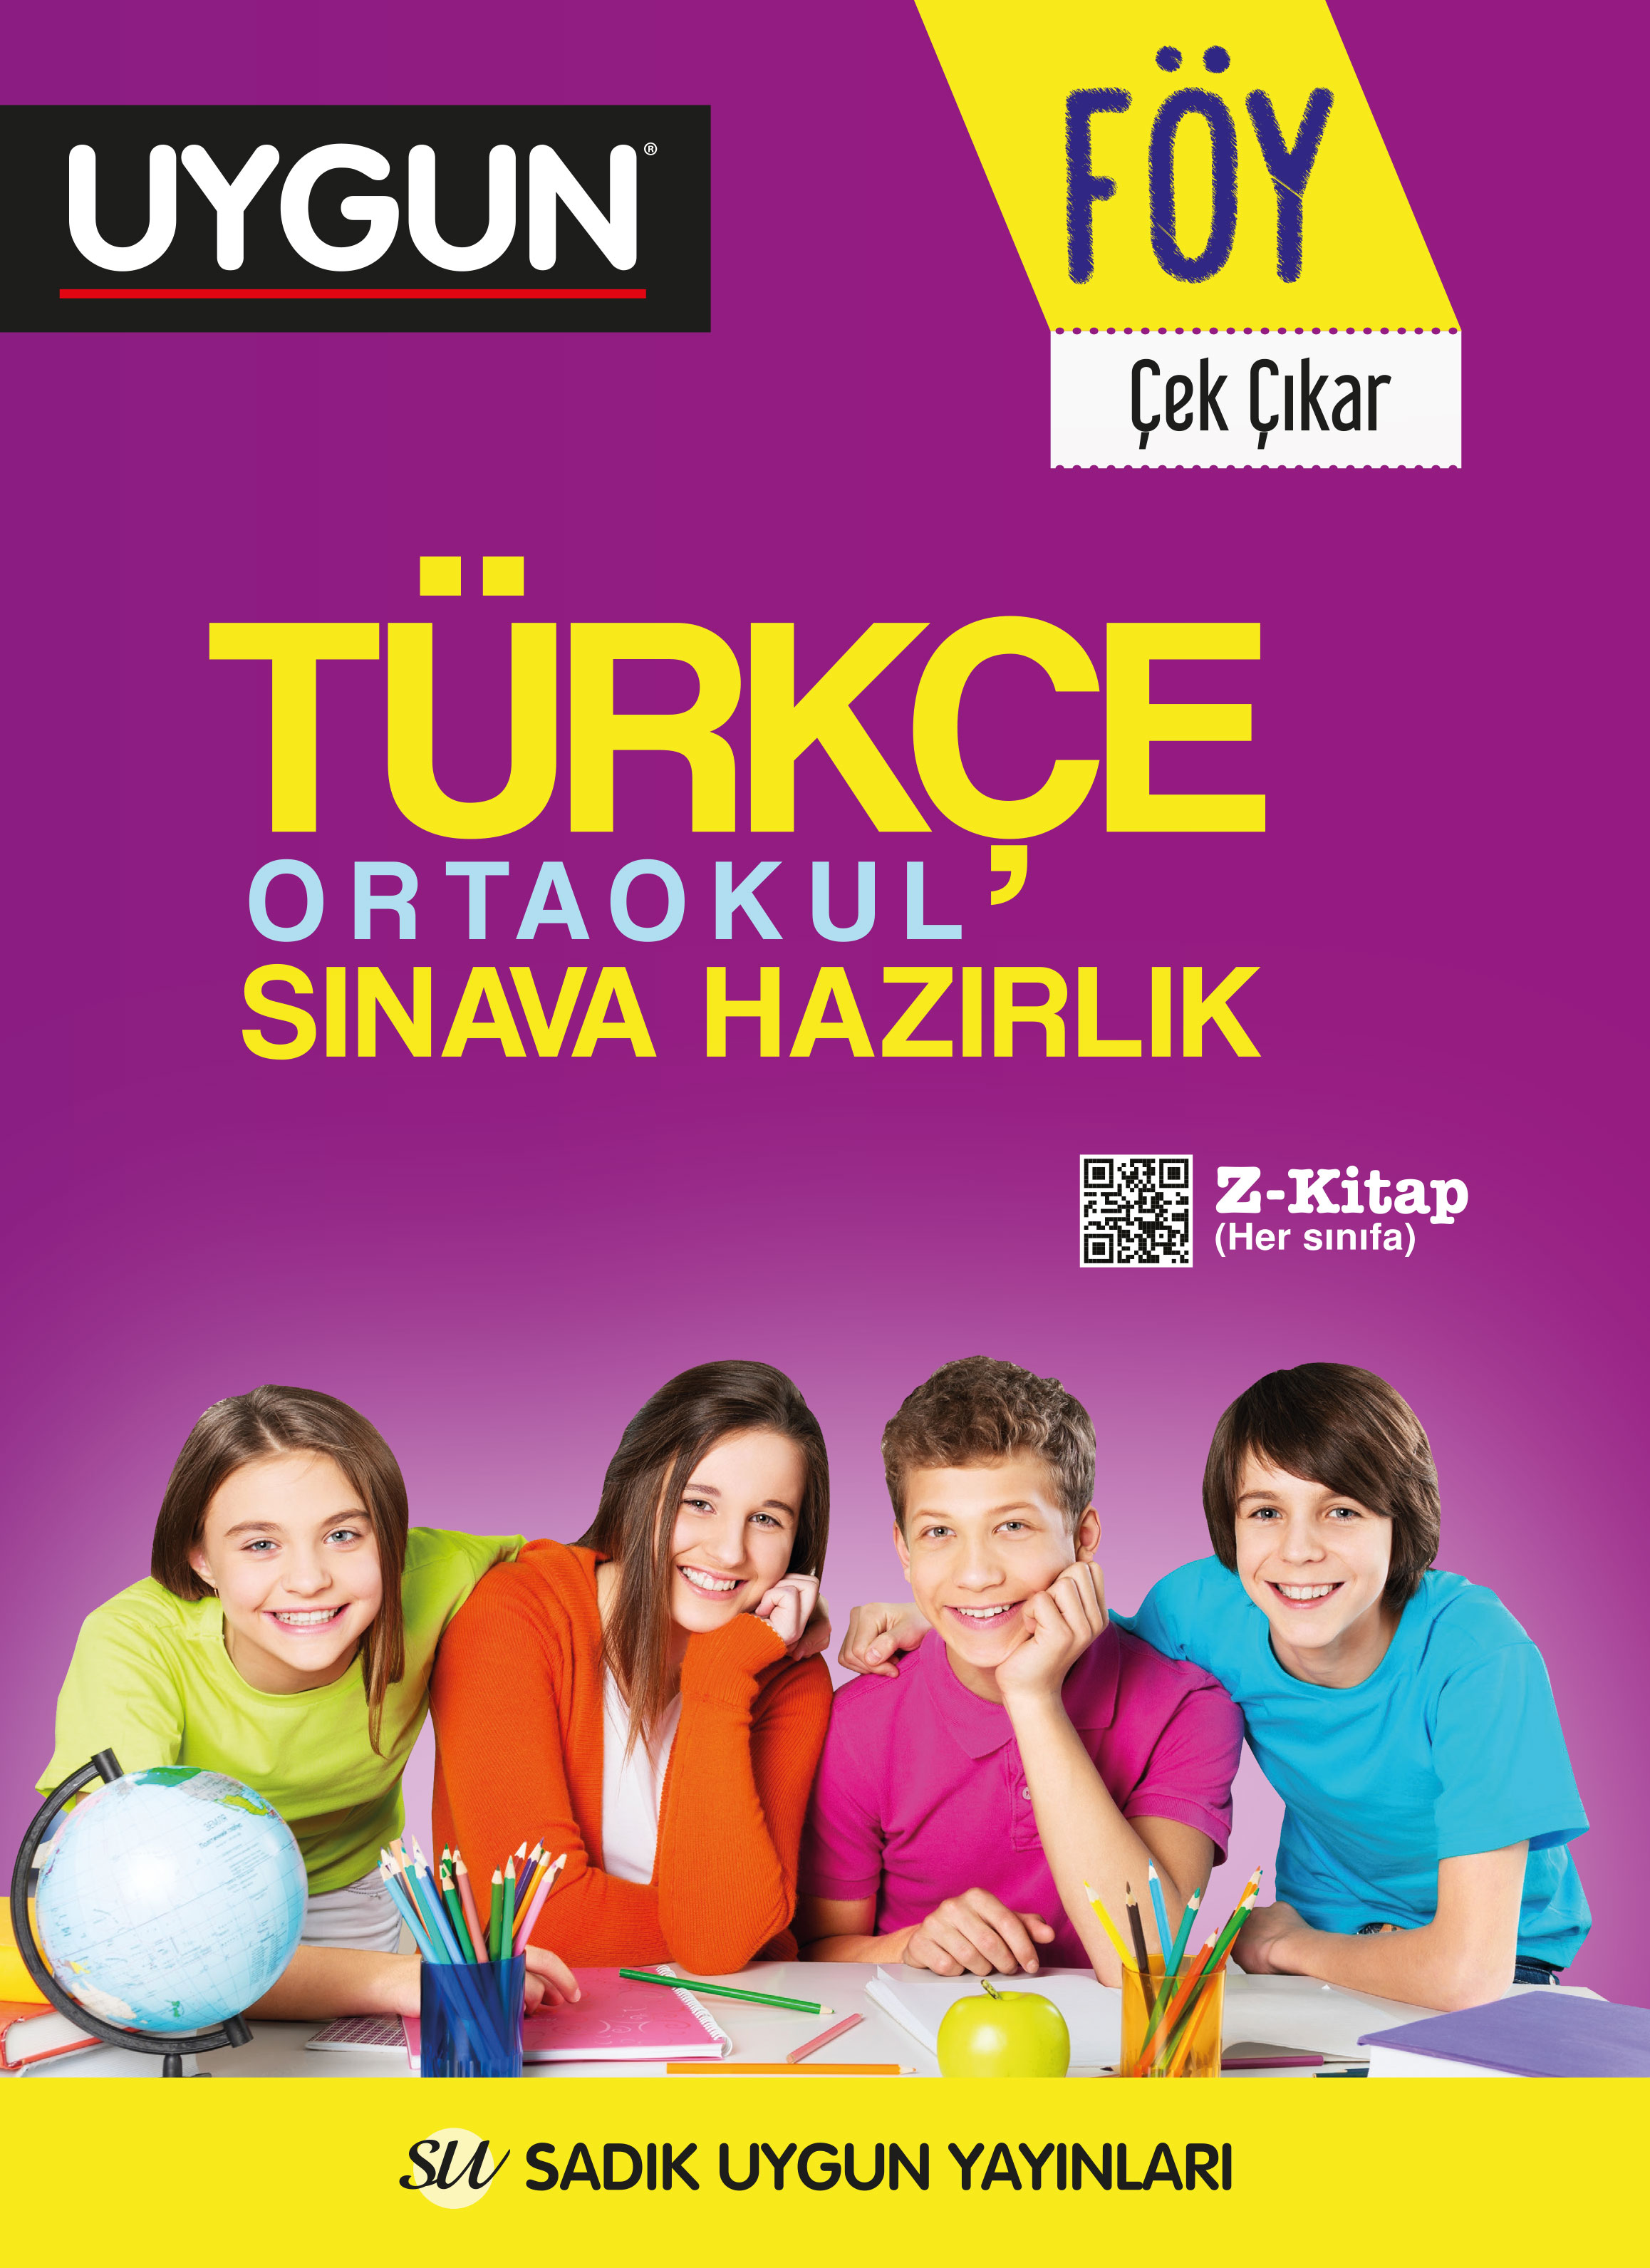 UYGUN – FÖY – Ortaokul Sınava Hazırlık – Türkçe 8. Sınıf